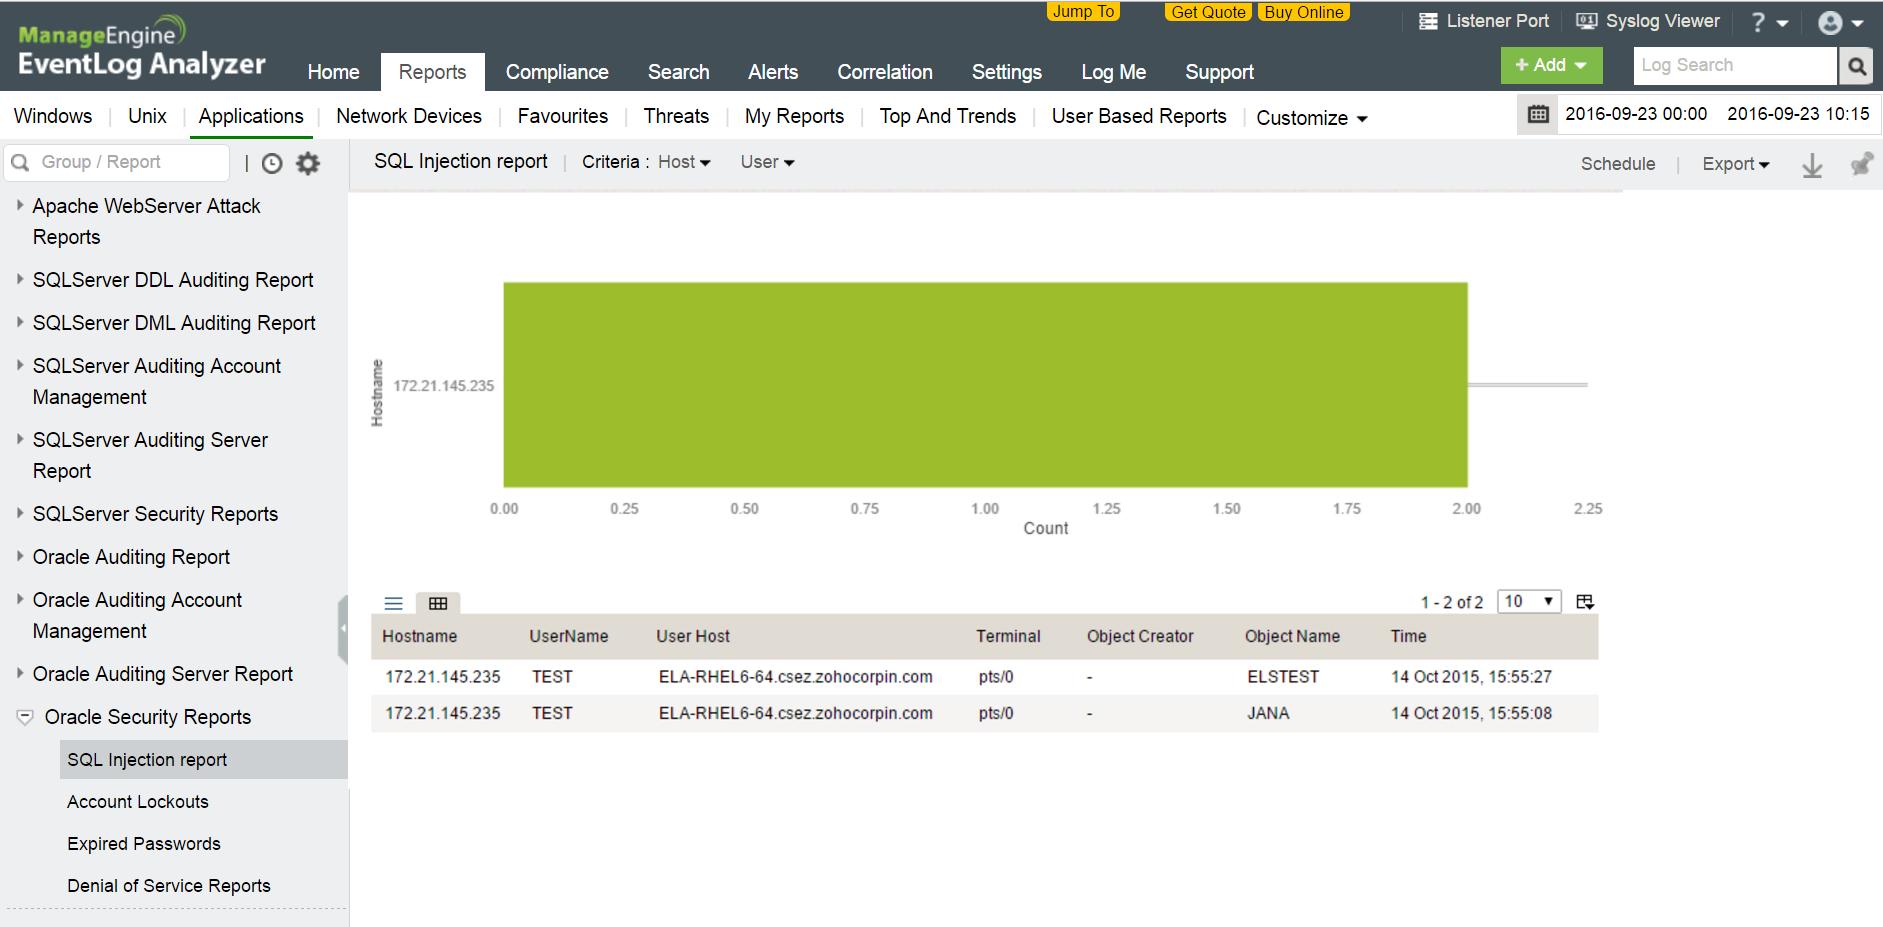 Report sulla sicurezza del database Oracle